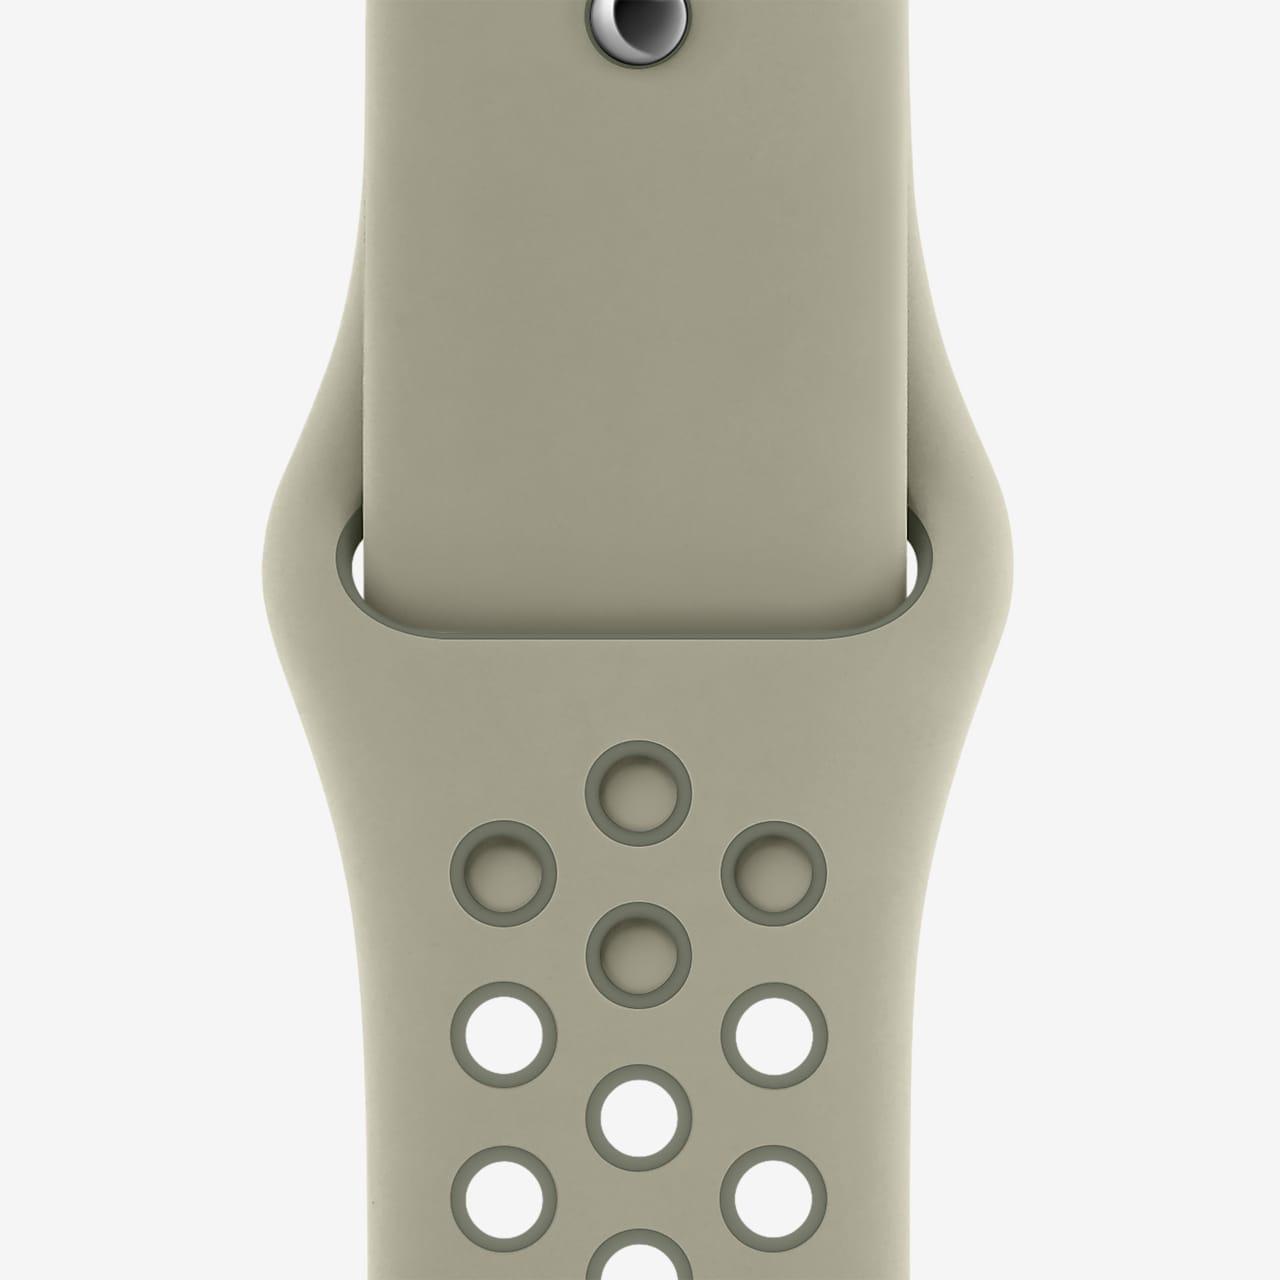 44 毫米云杉雾色/复古苔绿 Nike 运动表带 - 标准号